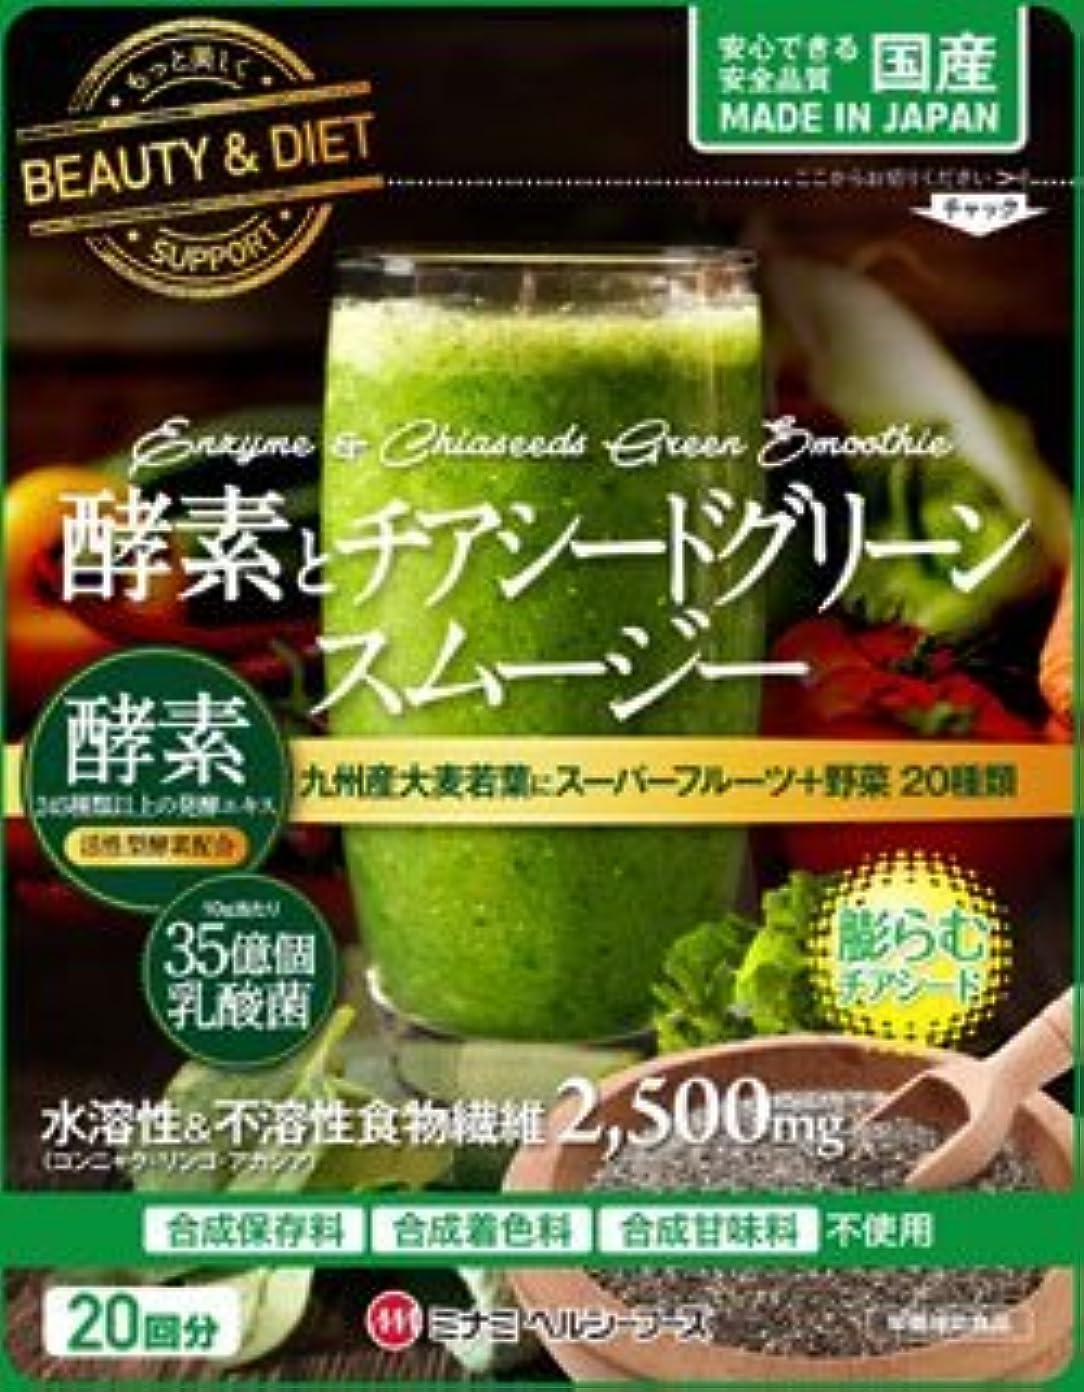 雰囲気バルーン闇酵素とチアシードグリーンスム-ジー200g ×8